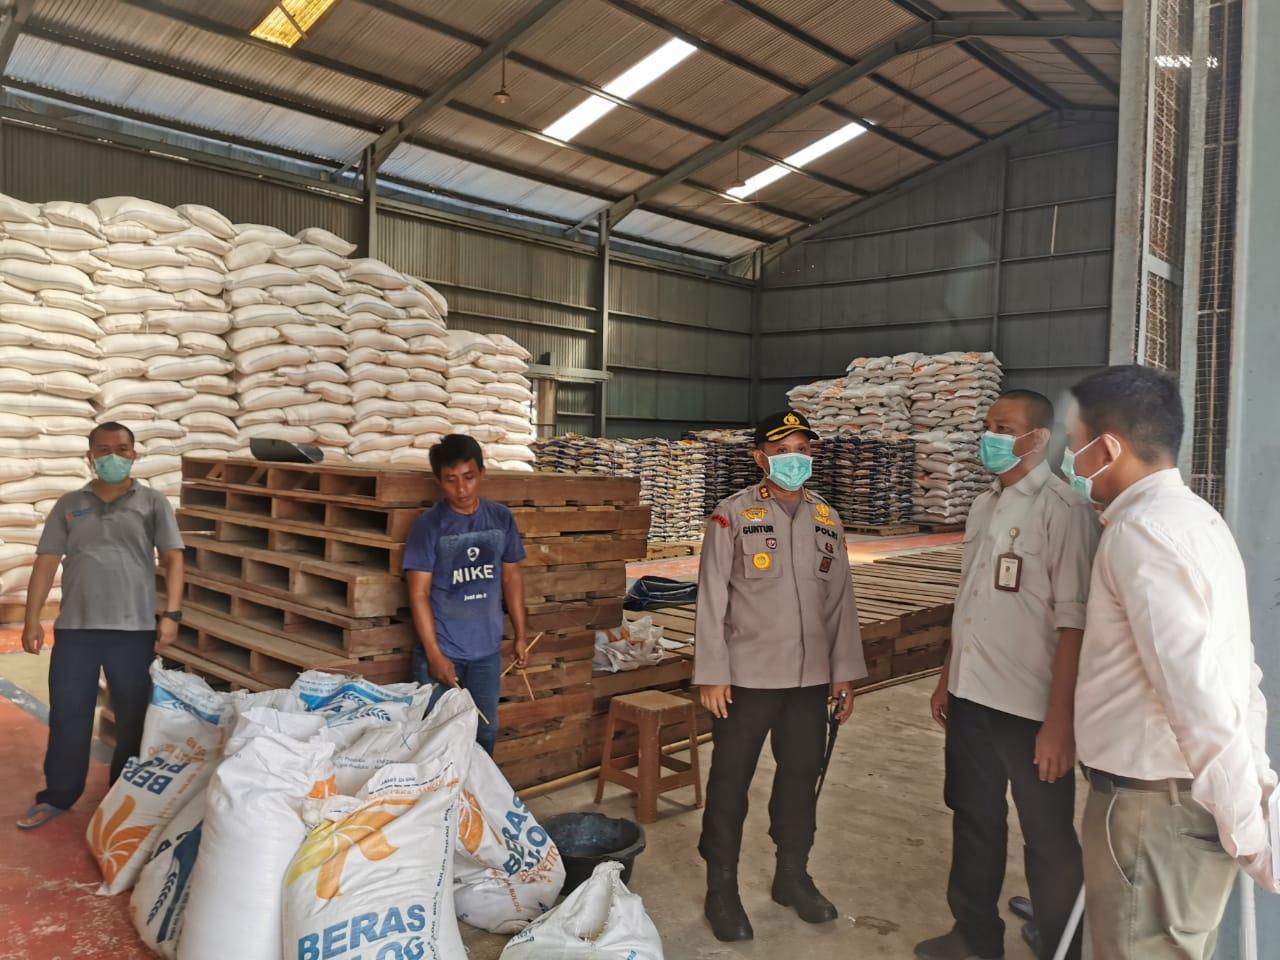 Kapolres Tanjab Barat Bersama Tim Satgas 5 Gakkum Ops Aman Nusa Pantau Dan Cek Ketersediaan Stok Pangan Yang Berada Di Gudang Bulog Sub Divre Tanjung Jabung